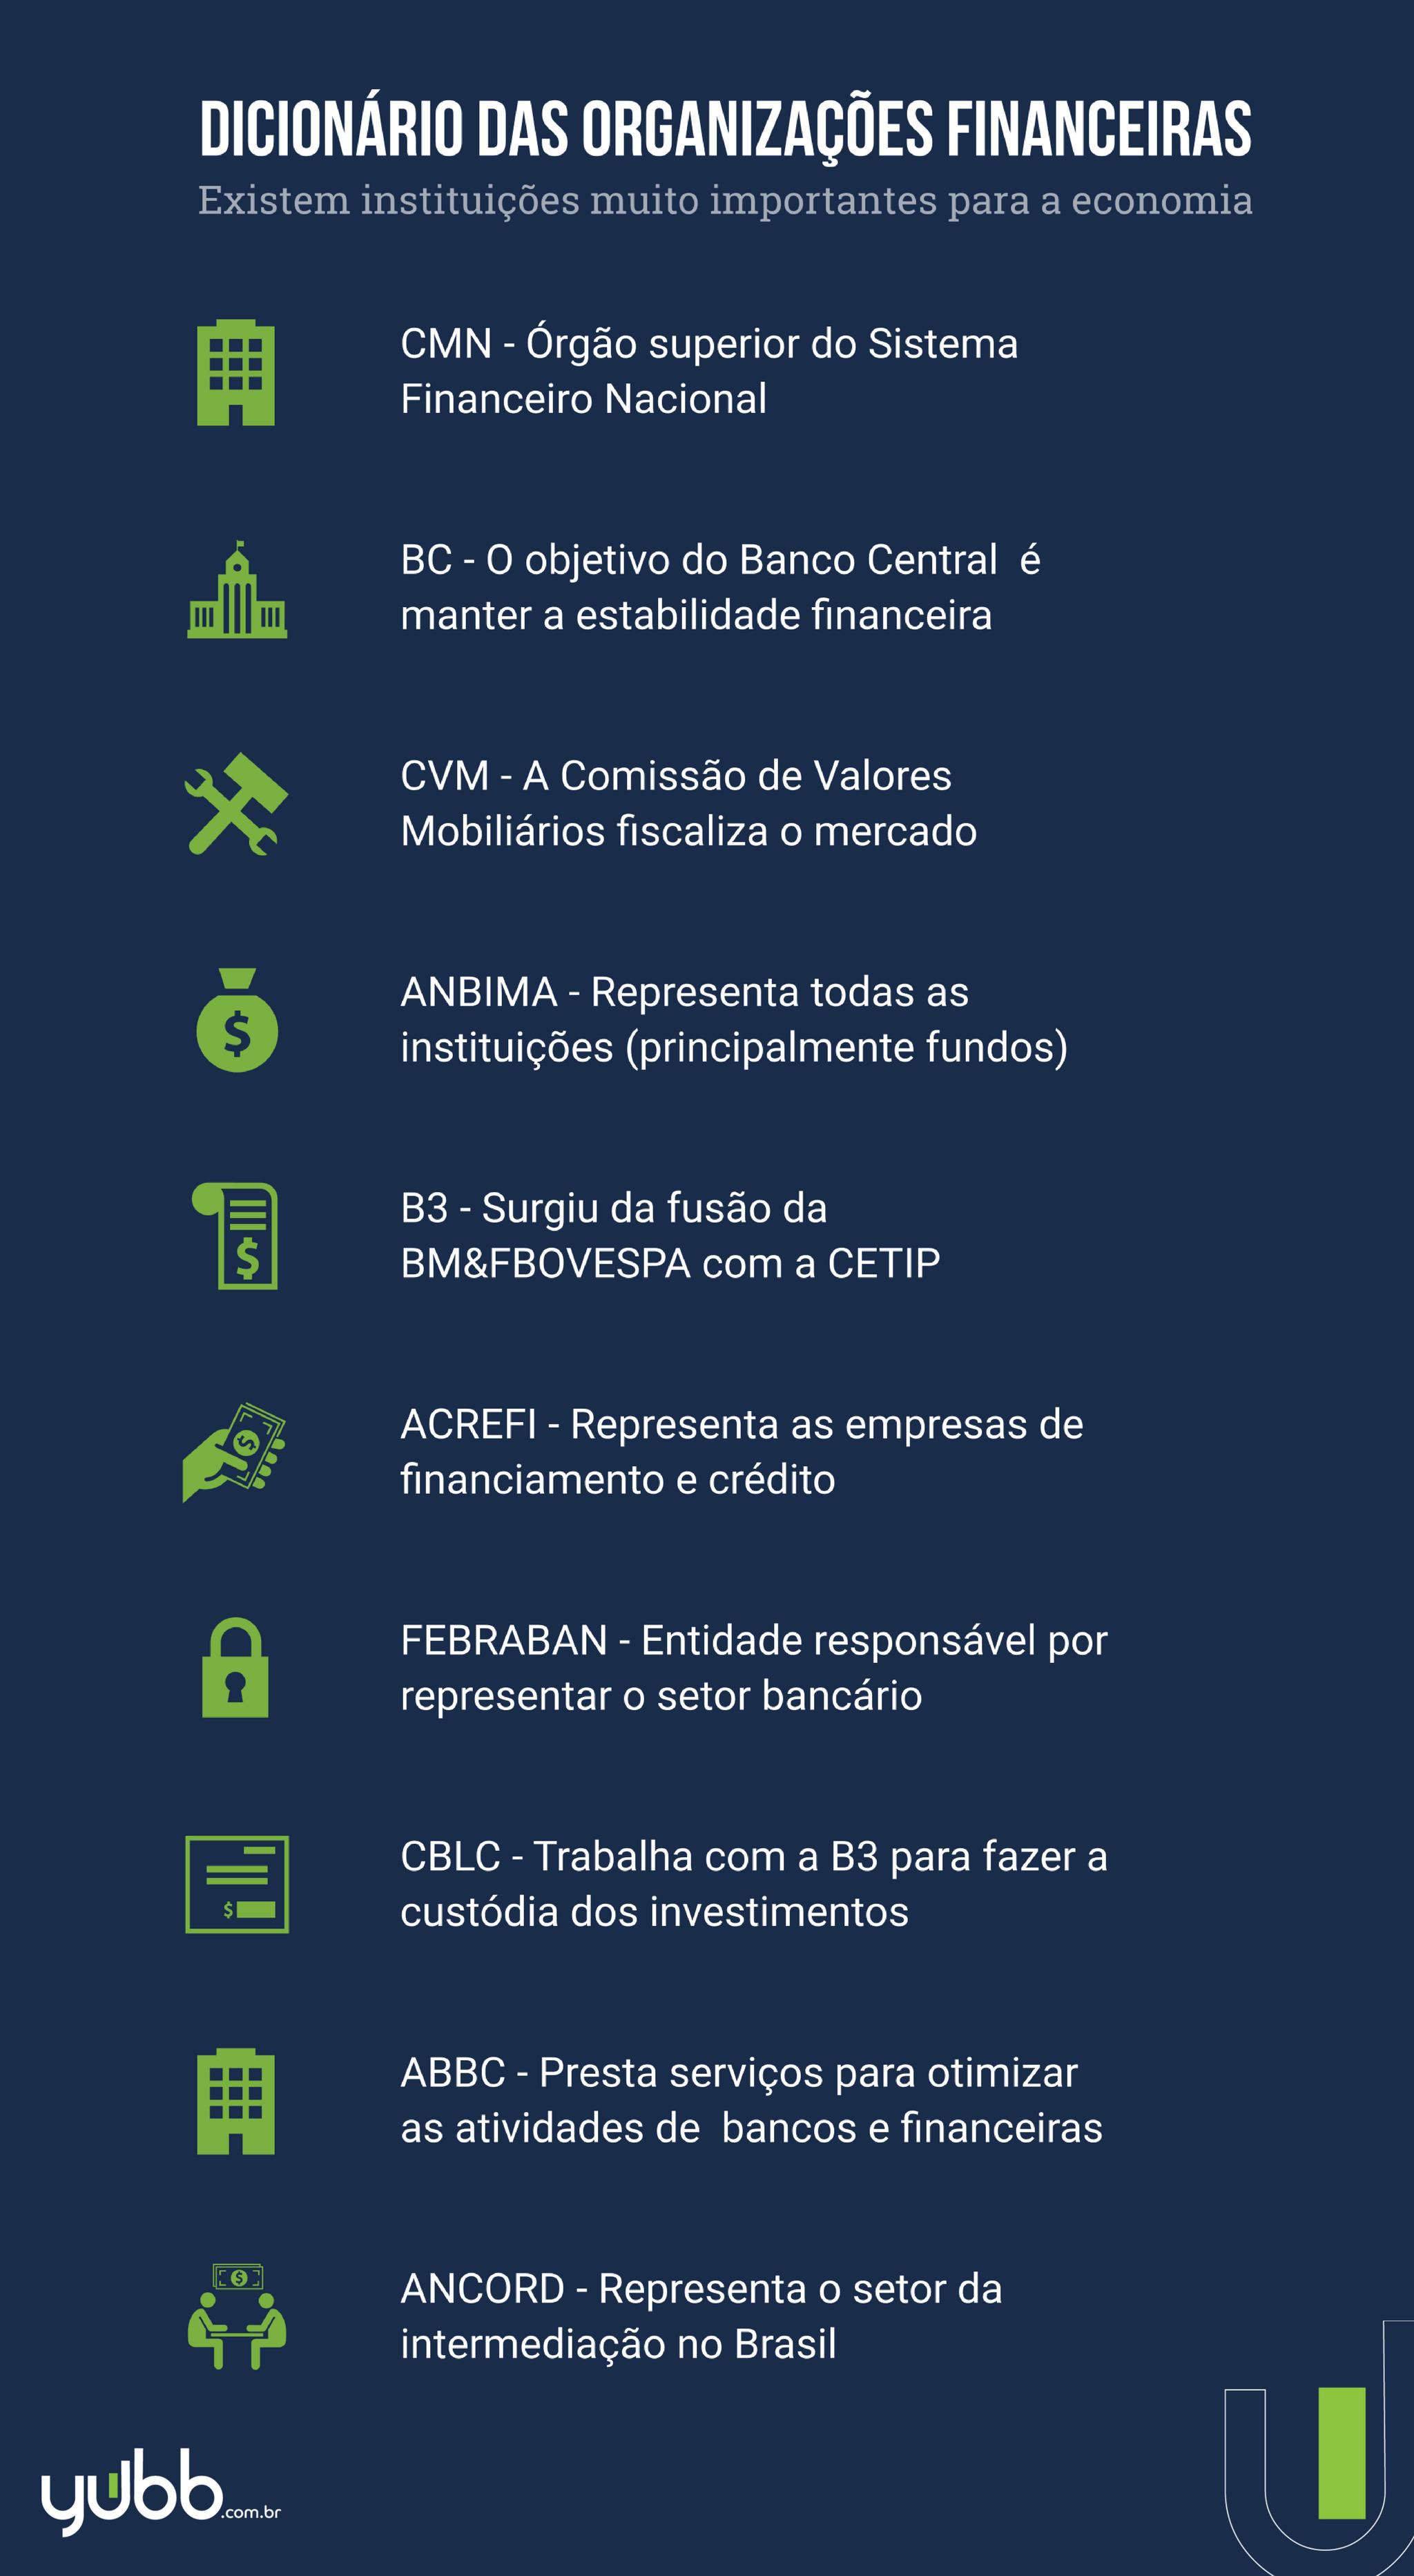 Dicionário organizações financeiras